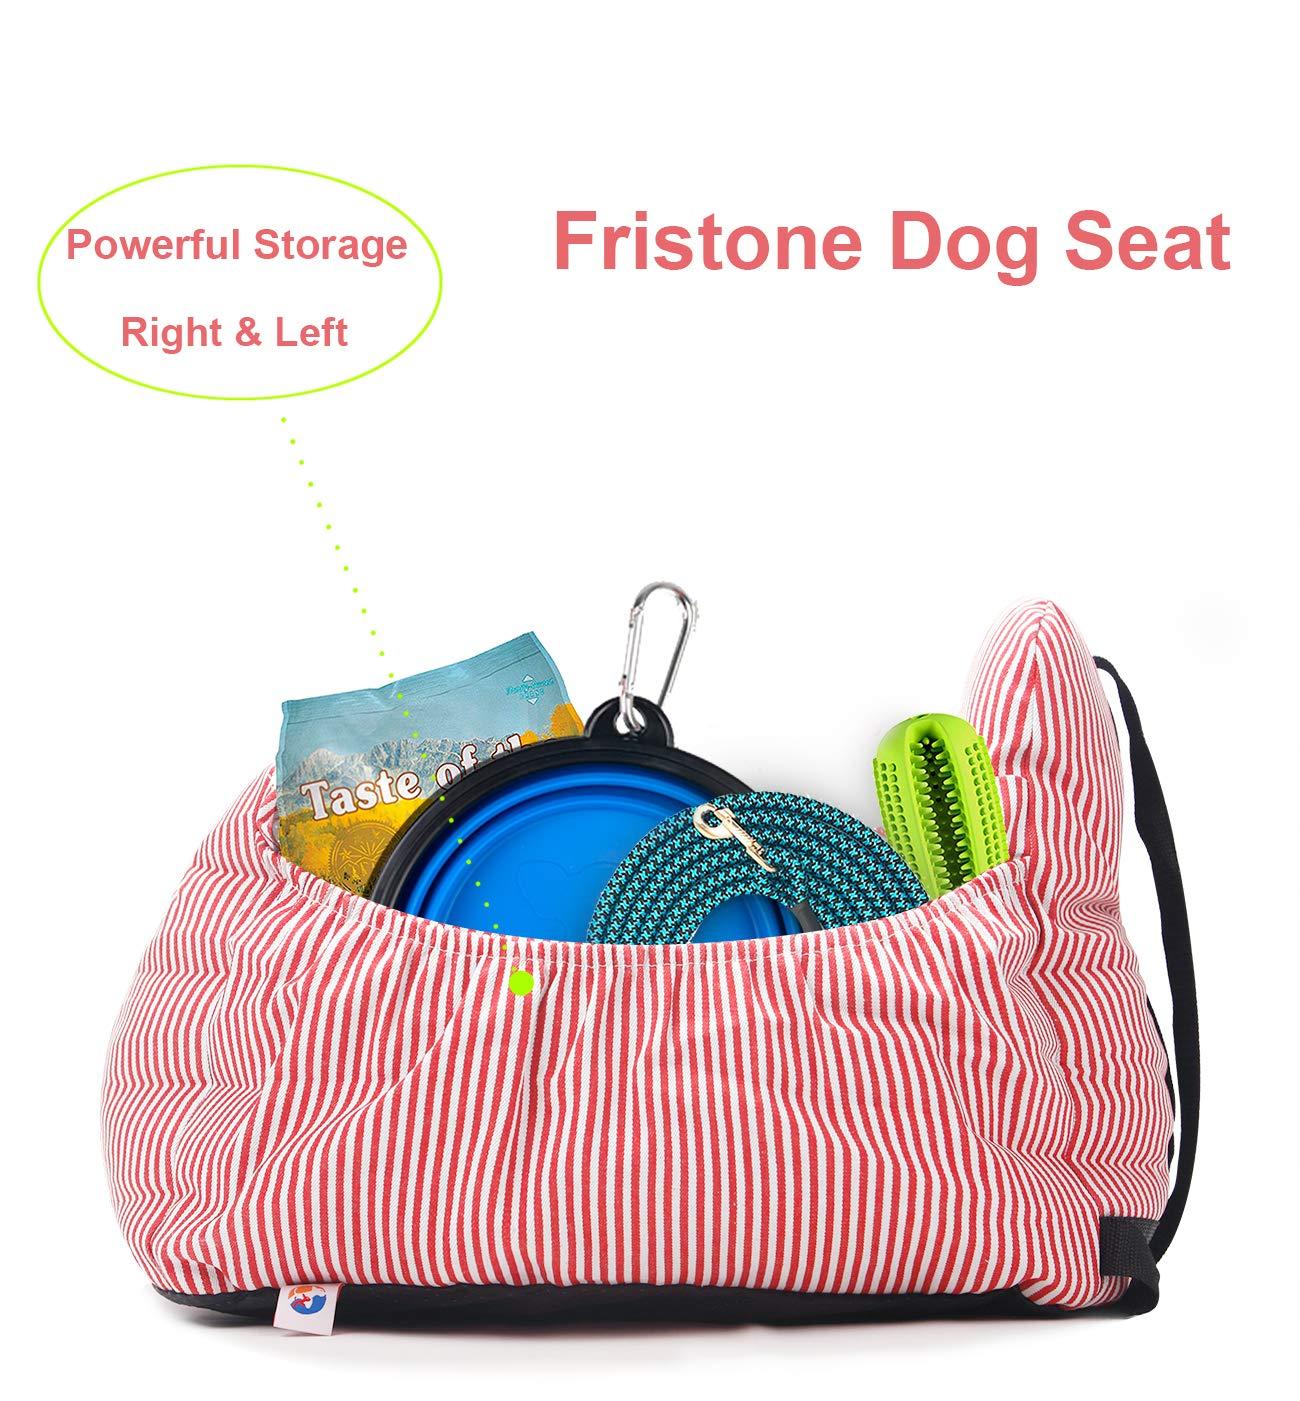 Asiento Elevador de Seguridad para Mascotas con Bolsillo de Almacenamiento. FRISTONE Asiento de Coche para Perro Impermeable